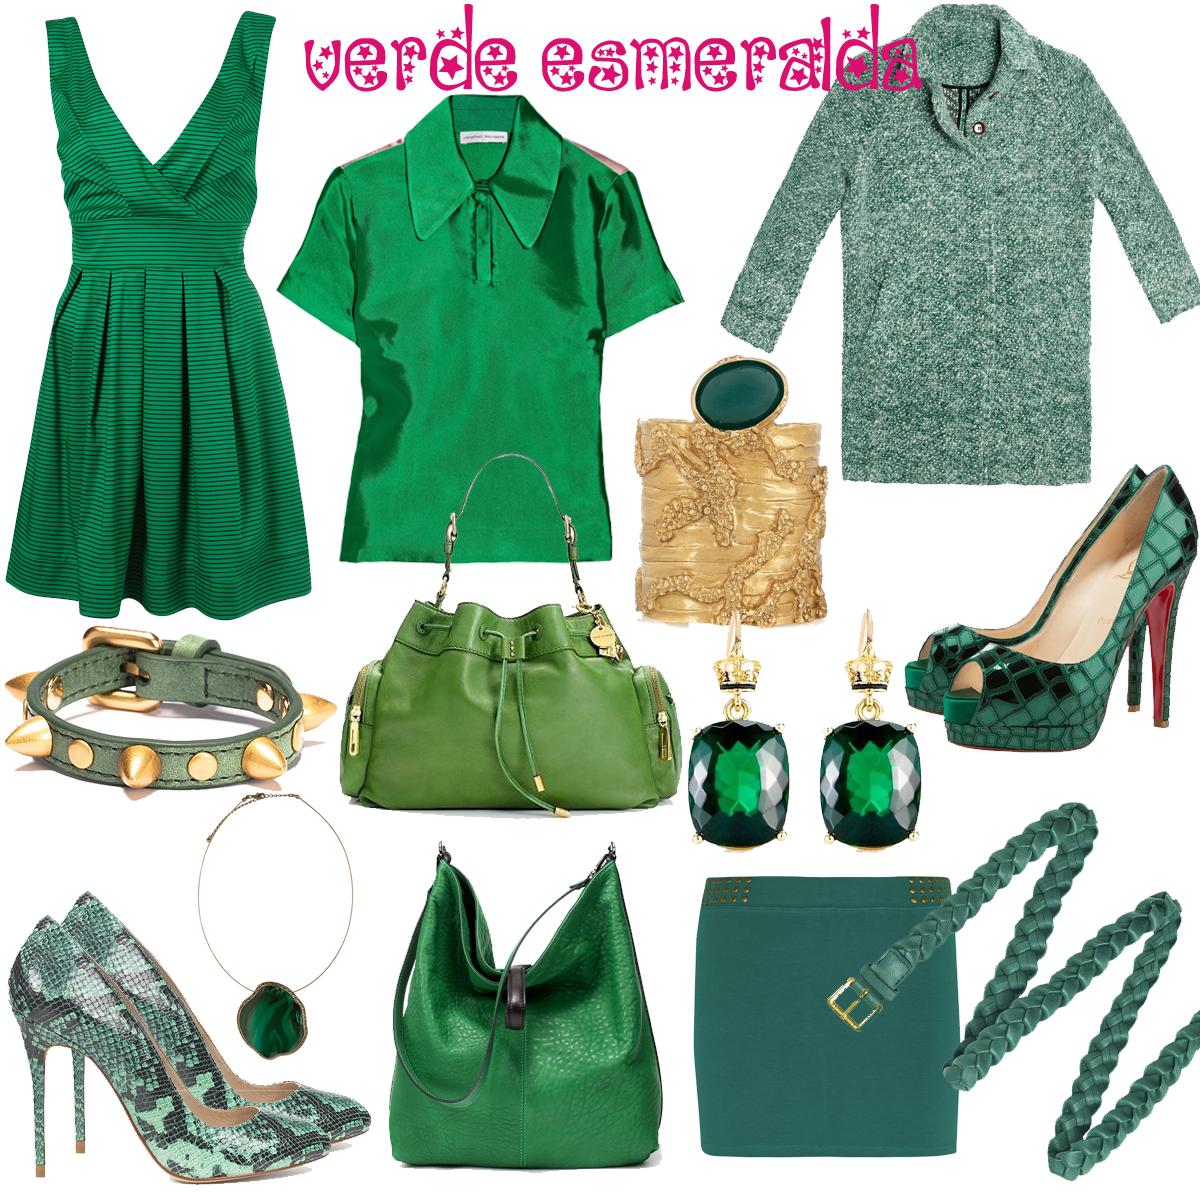 verde esmeralda: